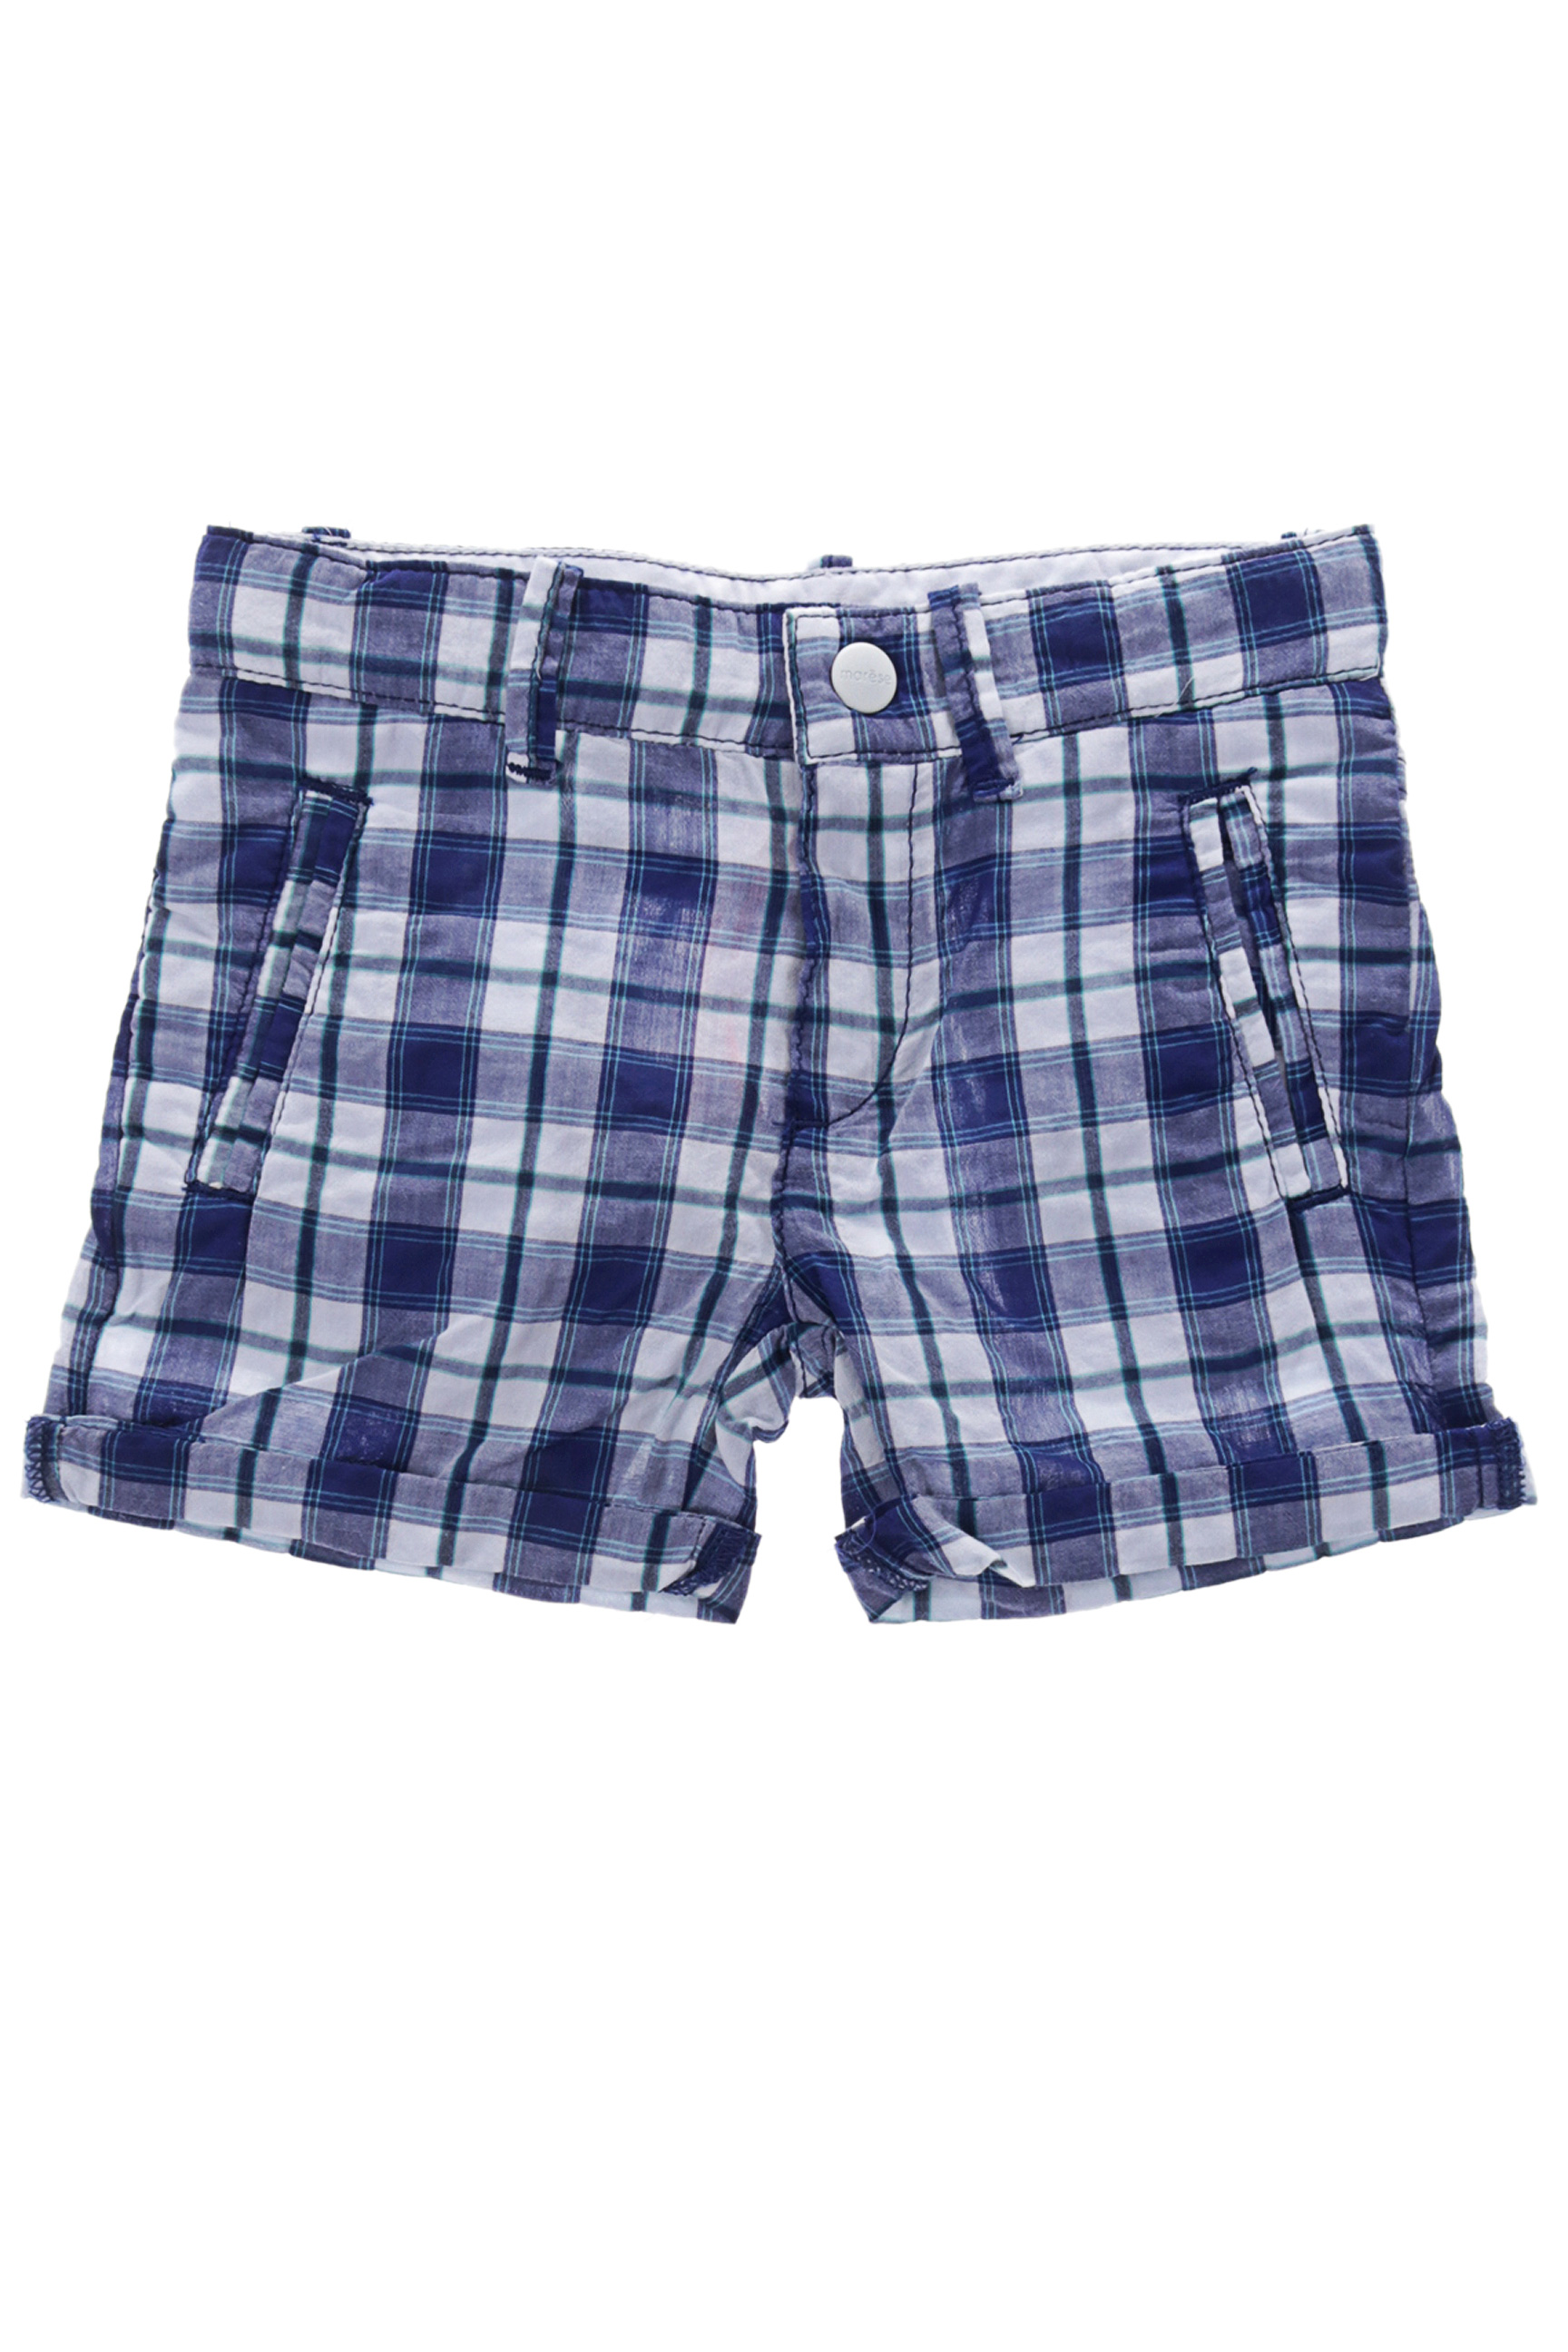 Garçons Short Fille 4-couleurs de la marque 100/% coton 12M-6Y